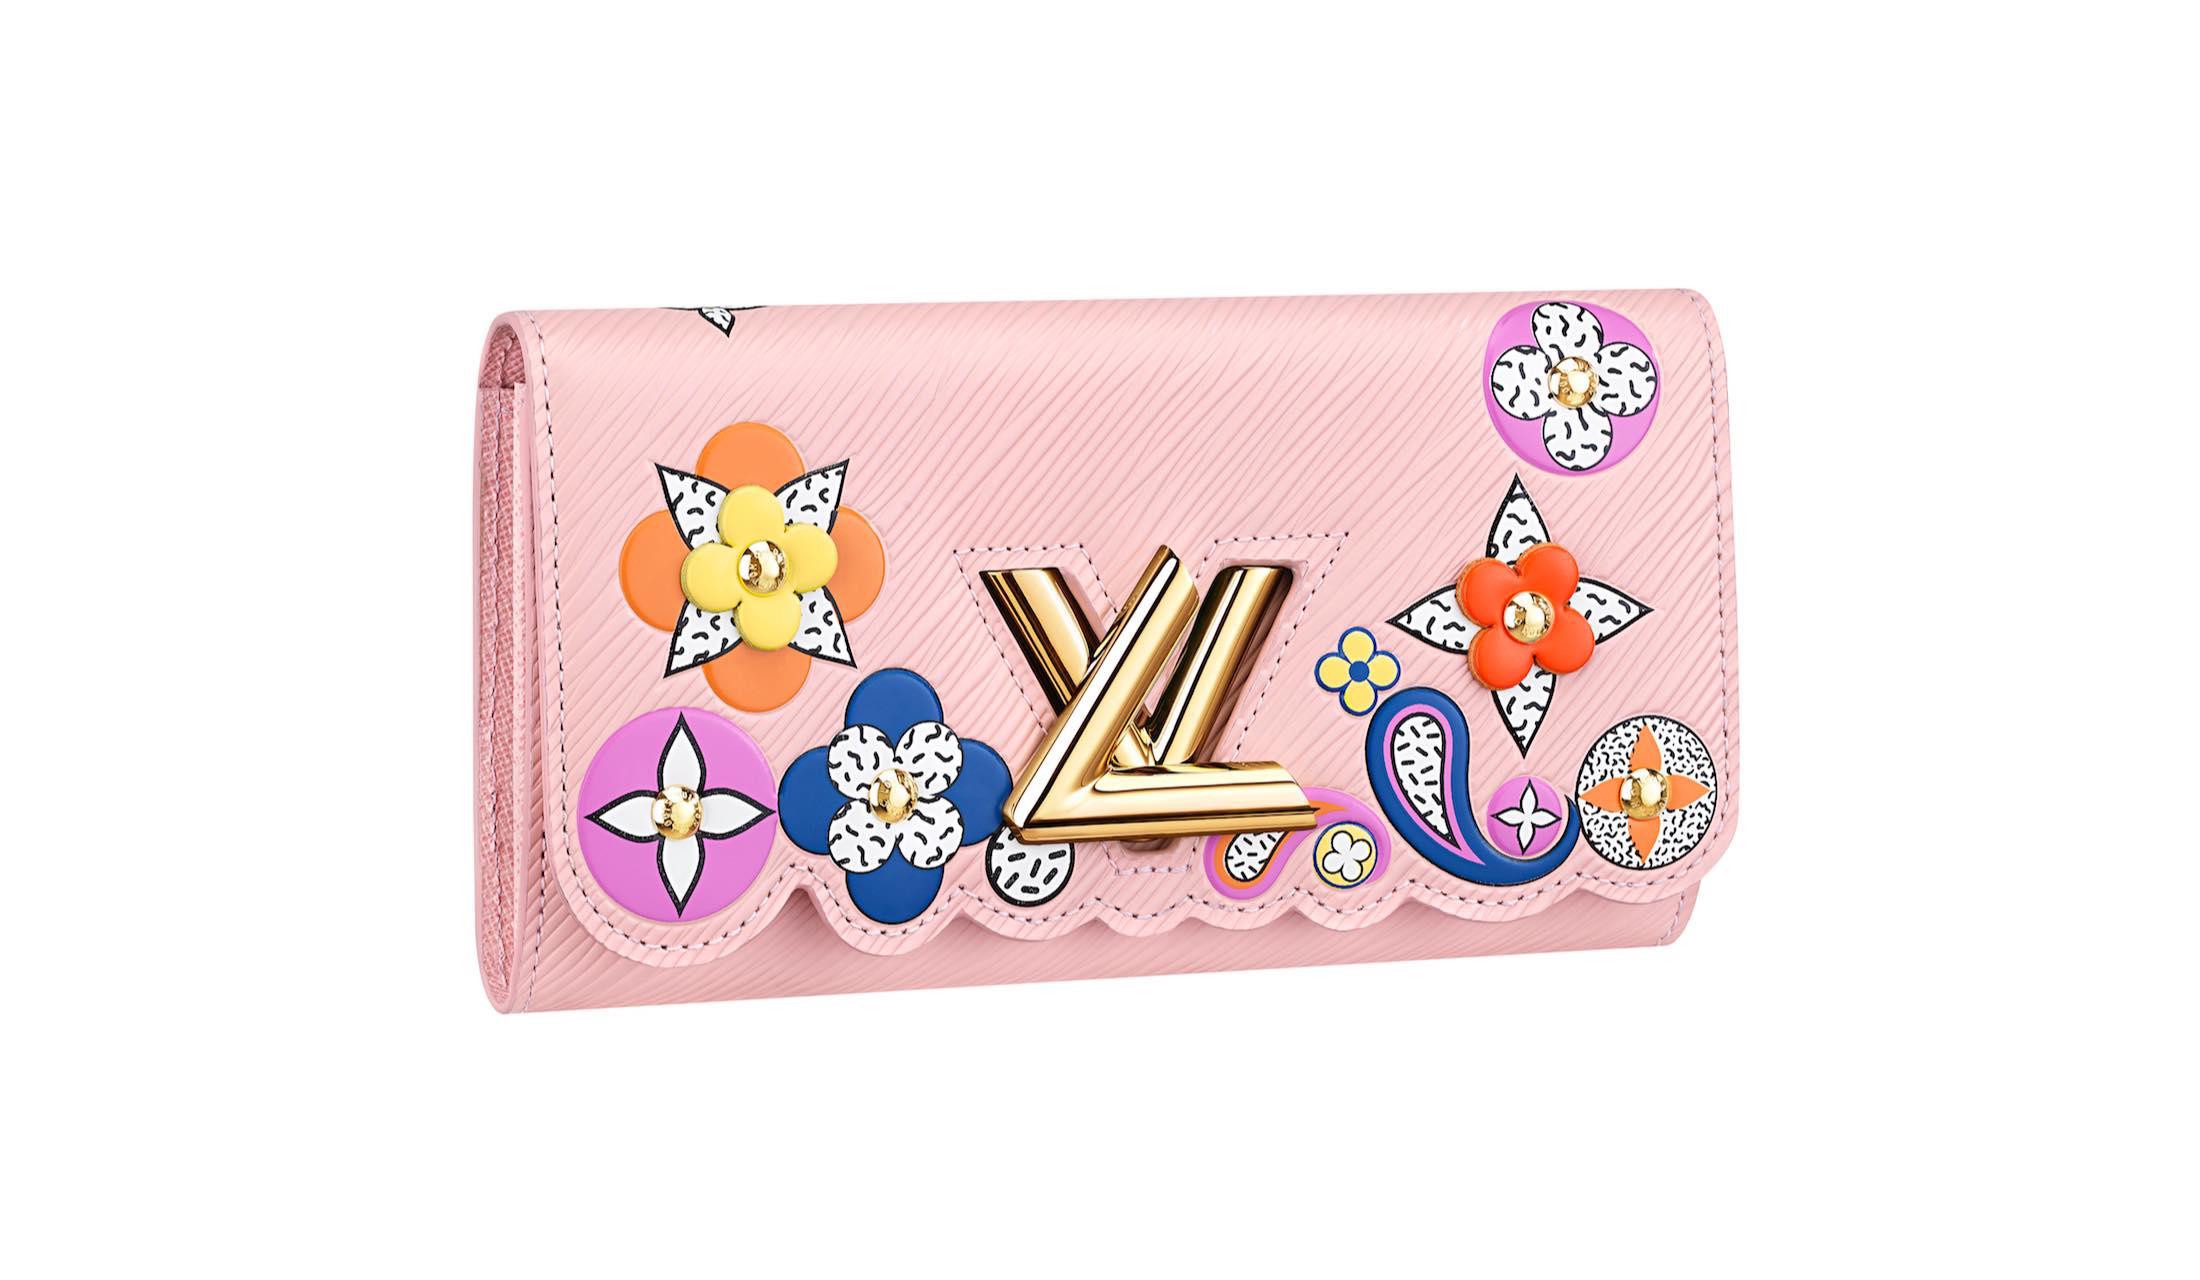 ルイ・ヴィトンのピンクの新作長財布